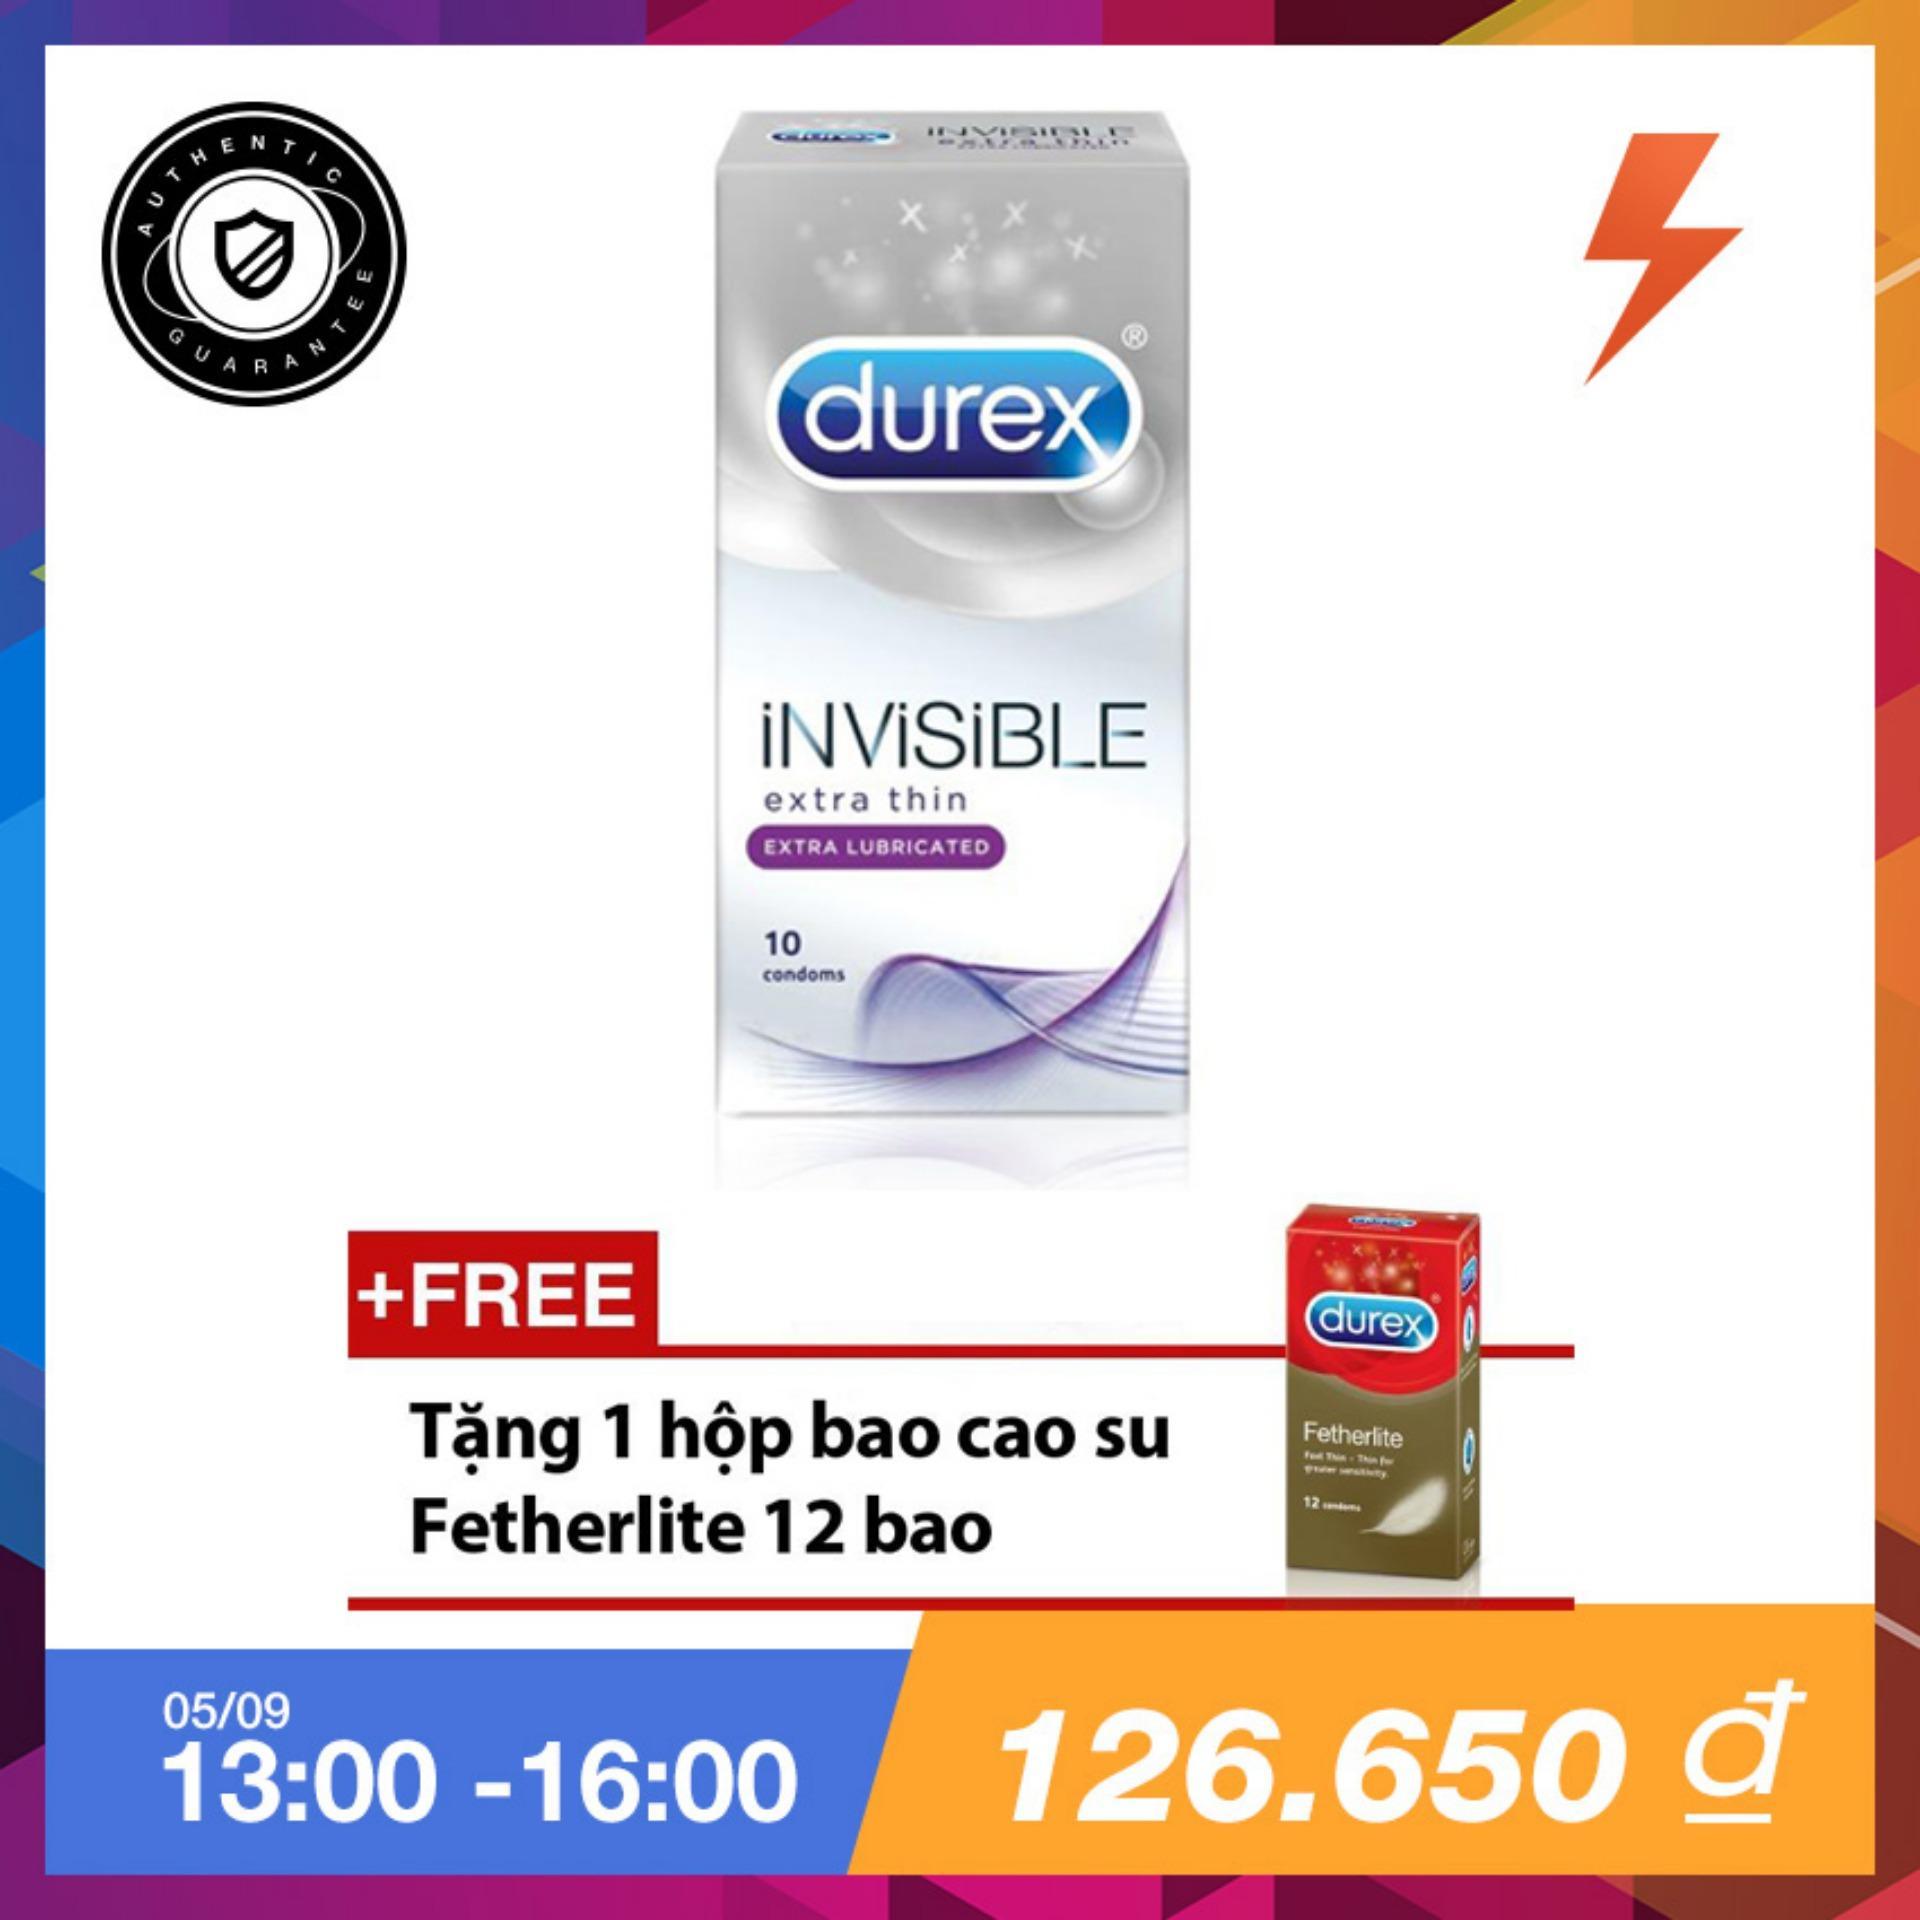 Mua Bao Cao Su Durex Invisible Extra Lubricant 10 Bao Tặng 1 Hộp Bao Cao Su Durex Fetherlite 12 Bao Trực Tuyến